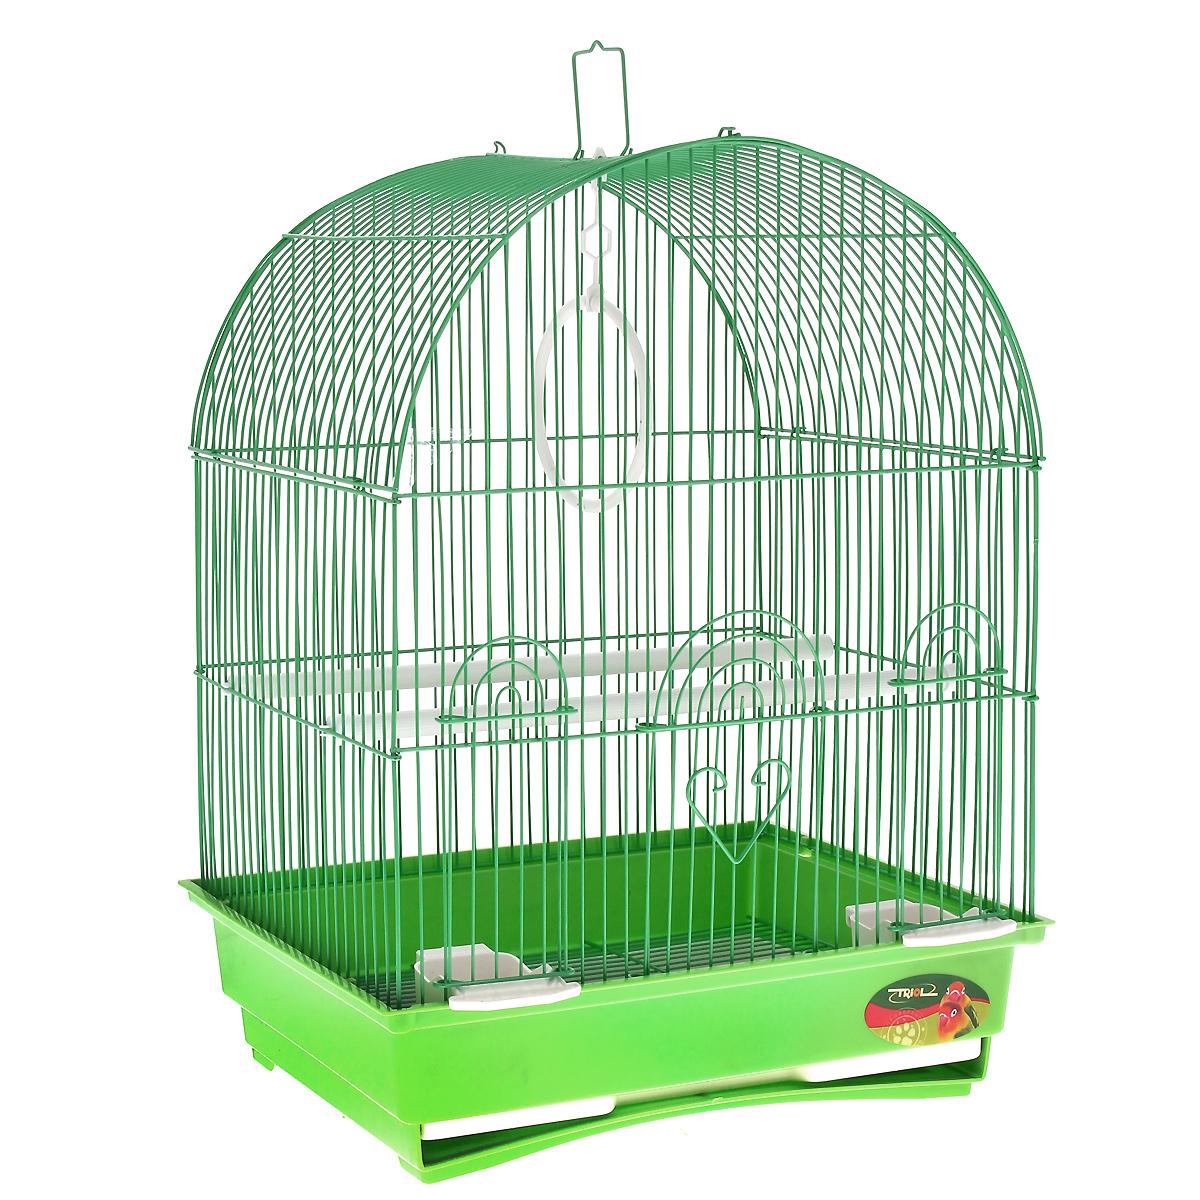 Клетка_для_птиц,_выполненная_из_пластика_и_металла_с_эмалированным_покрытием,_предназначена_для_мелких_птиц._Изделие_состоит_из_большого_поддона_и_решетки._Клетка_снабжена_металлической_дверцей_и_двумя_окошками,_которые_открываются_и_закрываются_движением_вверх-вниз._В_основании_клетки_находится_малый_выдвижной_поддон_с_металлической_решеткой_сверху._Поддон_удобно_и_легко_чистить,_так_как_он_выдвигается_из_клетки,_не_беспокоя_питомца._Клетка_также_оснащена_двумя_кормушками,_двумя_жердочками,_кольцом_для_птицы_и_ручкой_для_переноски._Комплектация:_-_клетка,_-_малый_поддон_с_решеткой,_-_кормушка:_2_шт,_-_жердочка:_2_шт,_-_кольцо:_1_шт.Размер_клетки:_35_см_х_28_см_х_46_см.